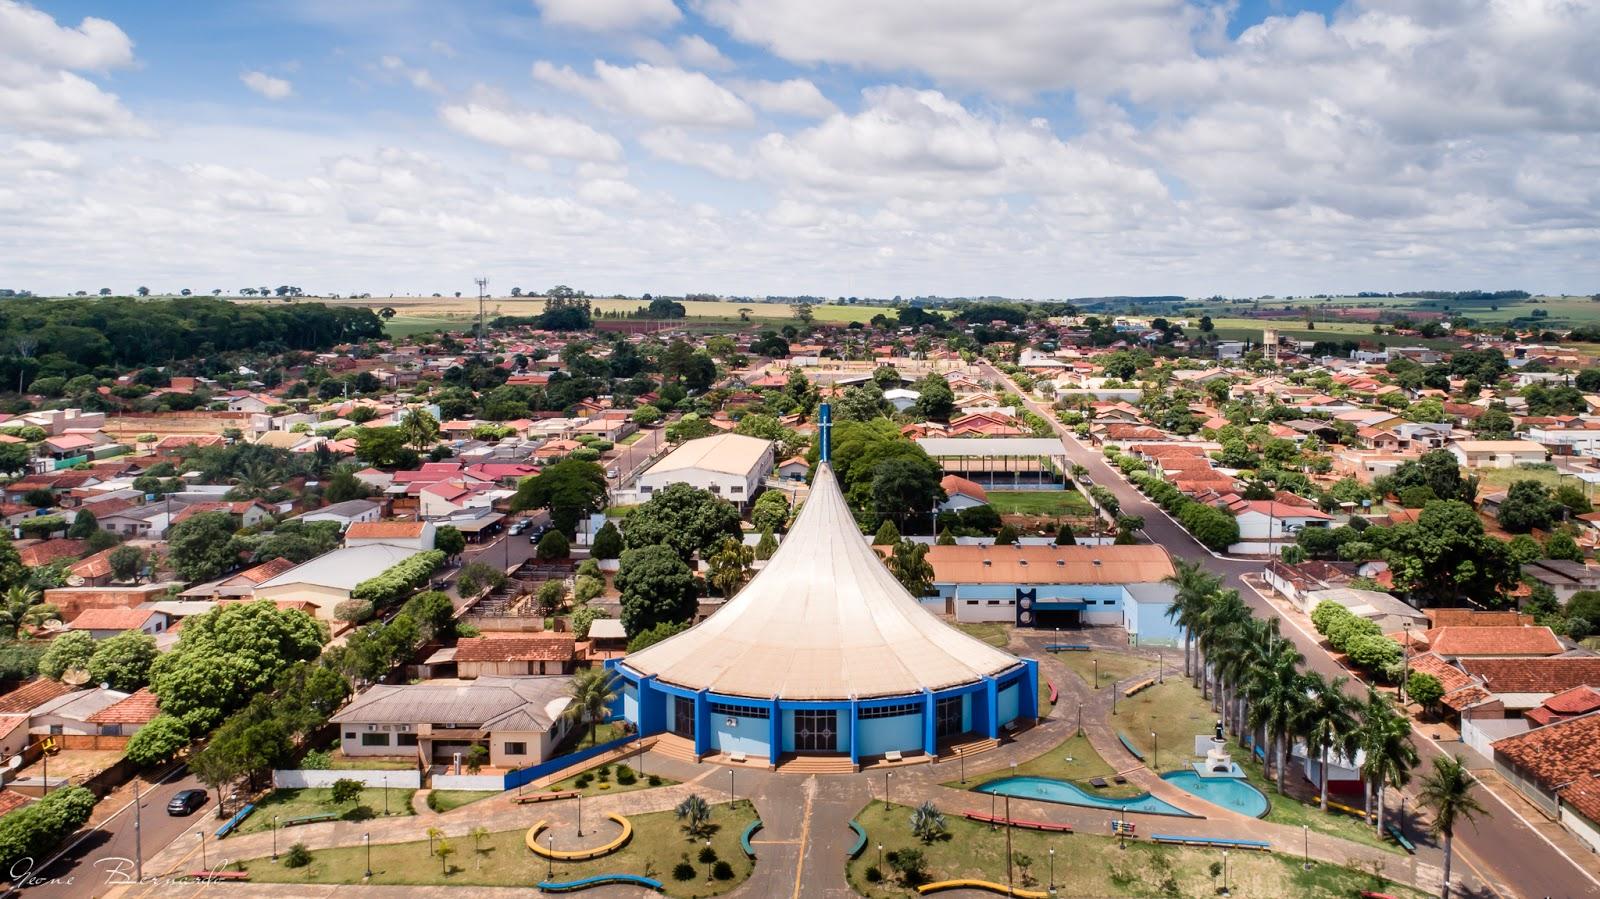 Vicentina Mato Grosso do Sul fonte: 4.bp.blogspot.com